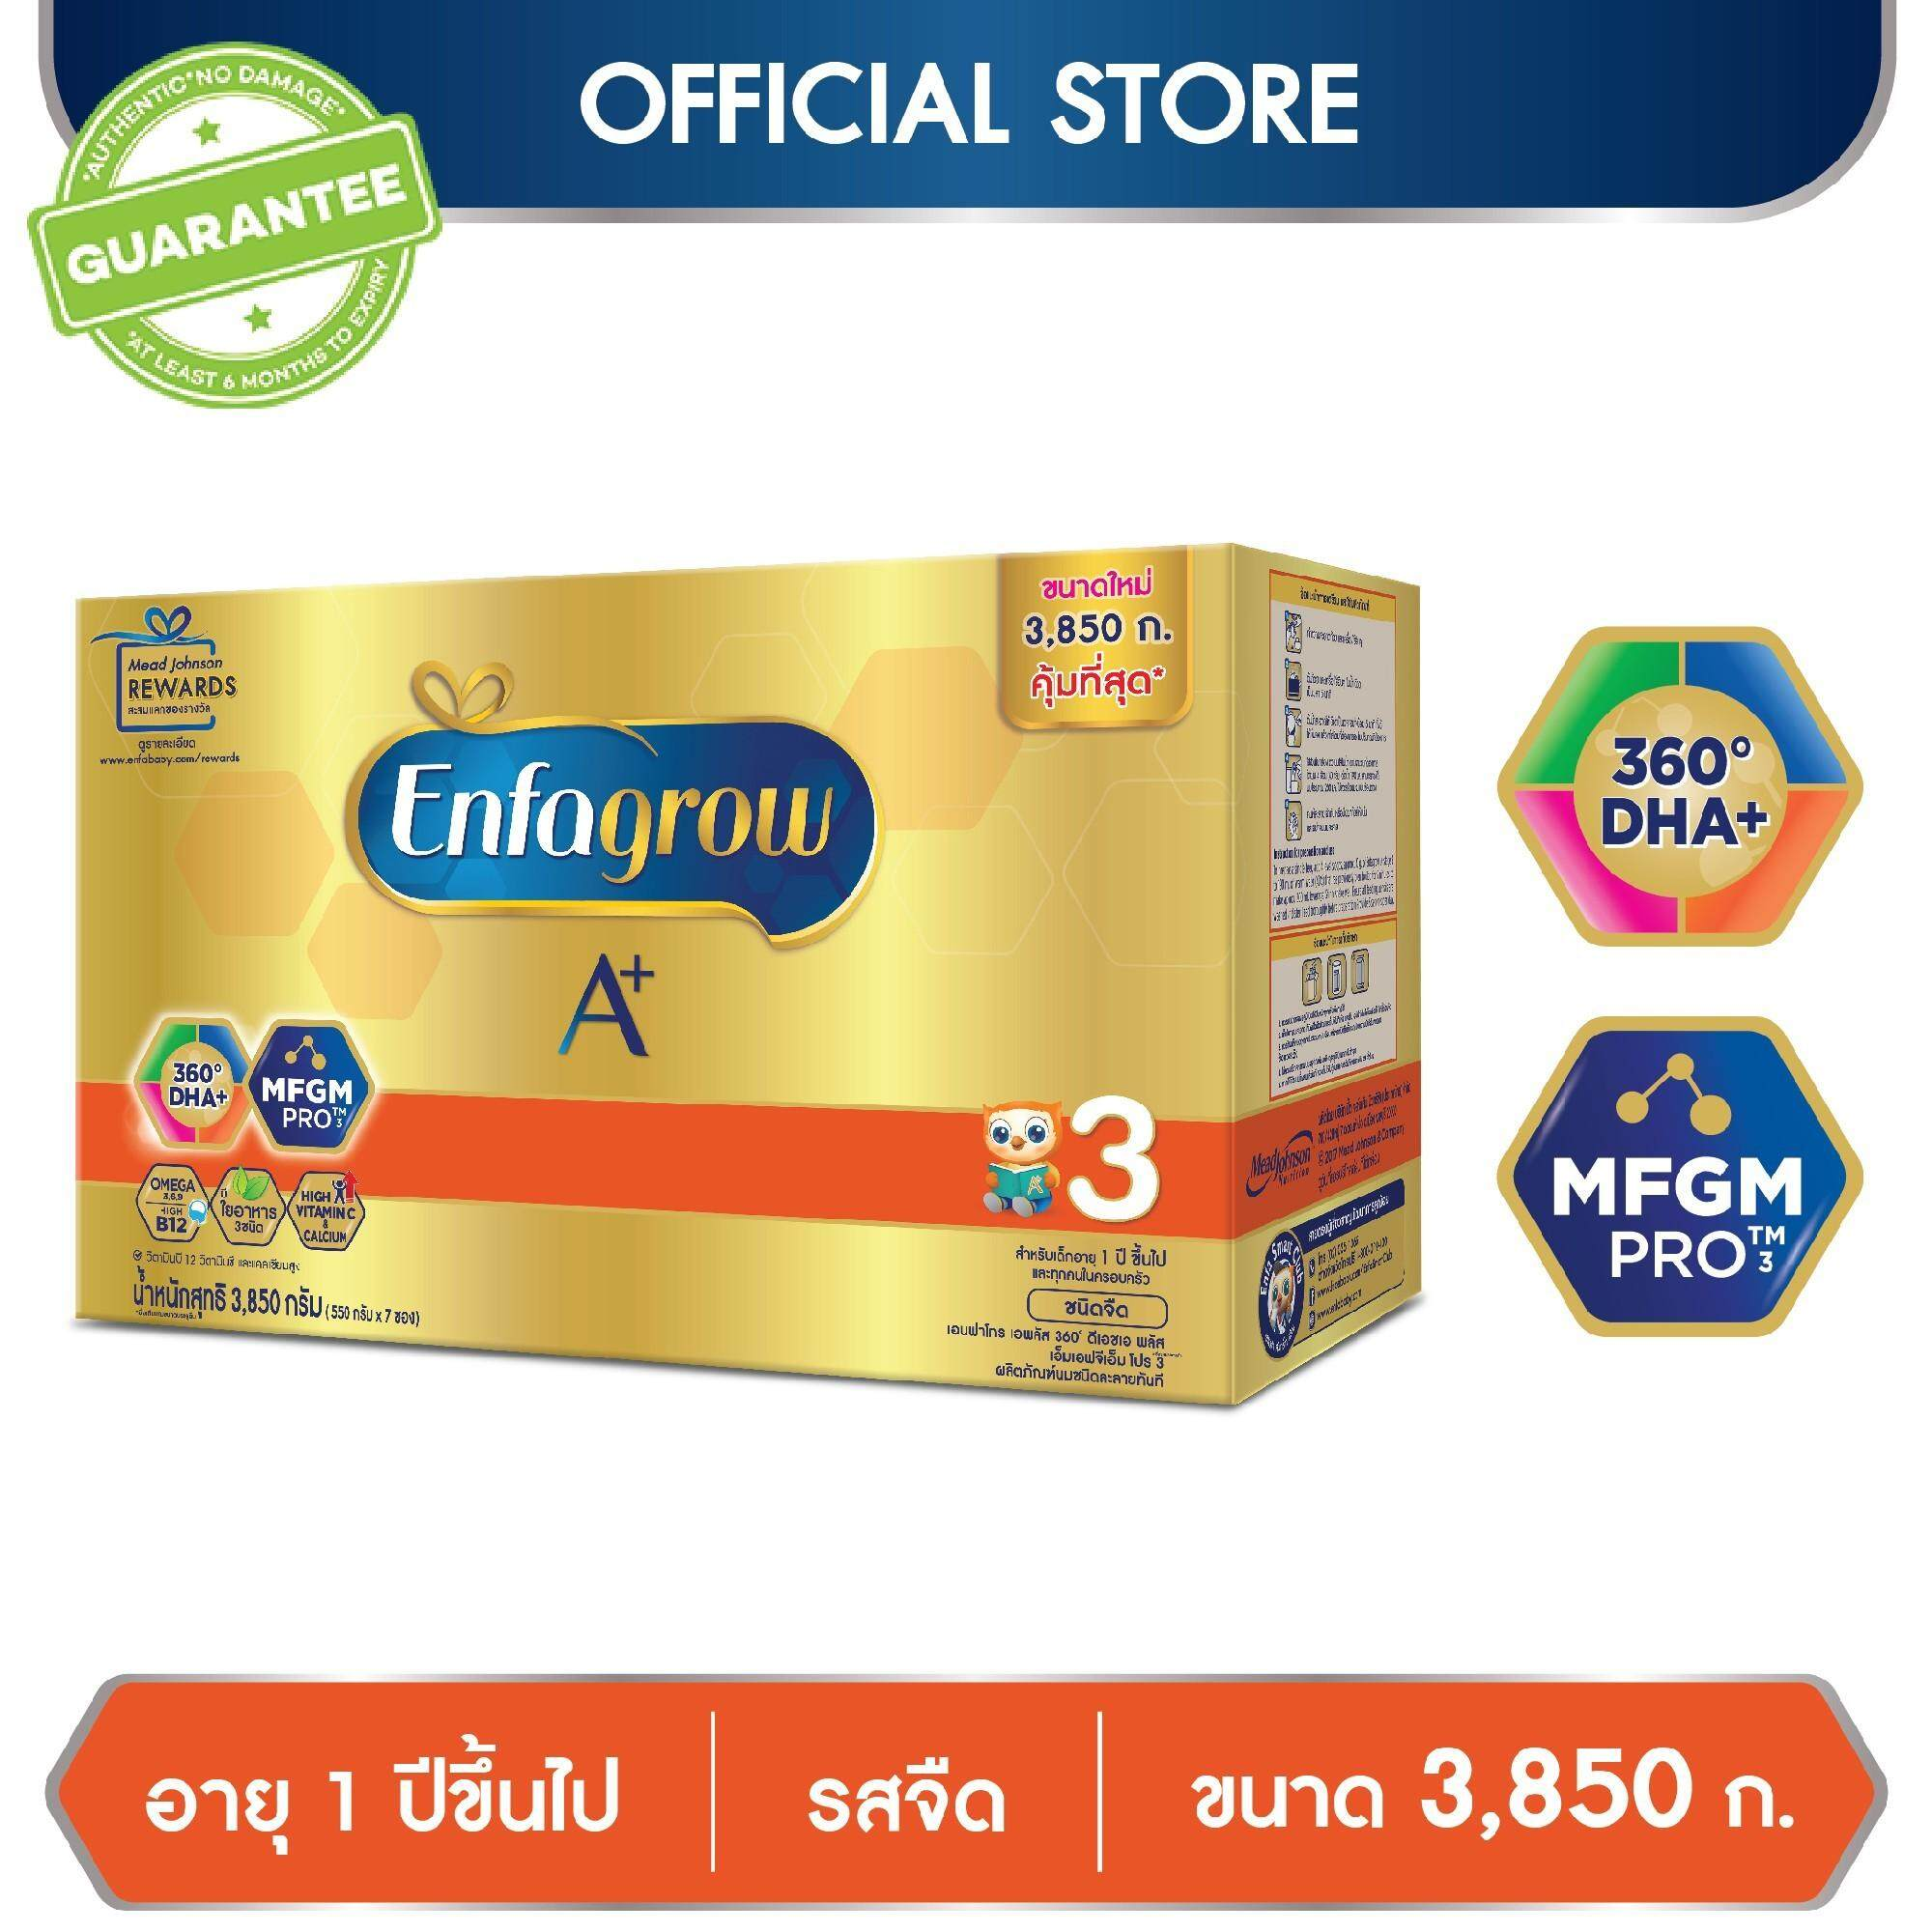 เอนฟาโกร เอพลัส สูตร 3 รสจืด นมผง สำหรับ เด็ก 3850 กรัม By Lazada Retail Enfagrow.